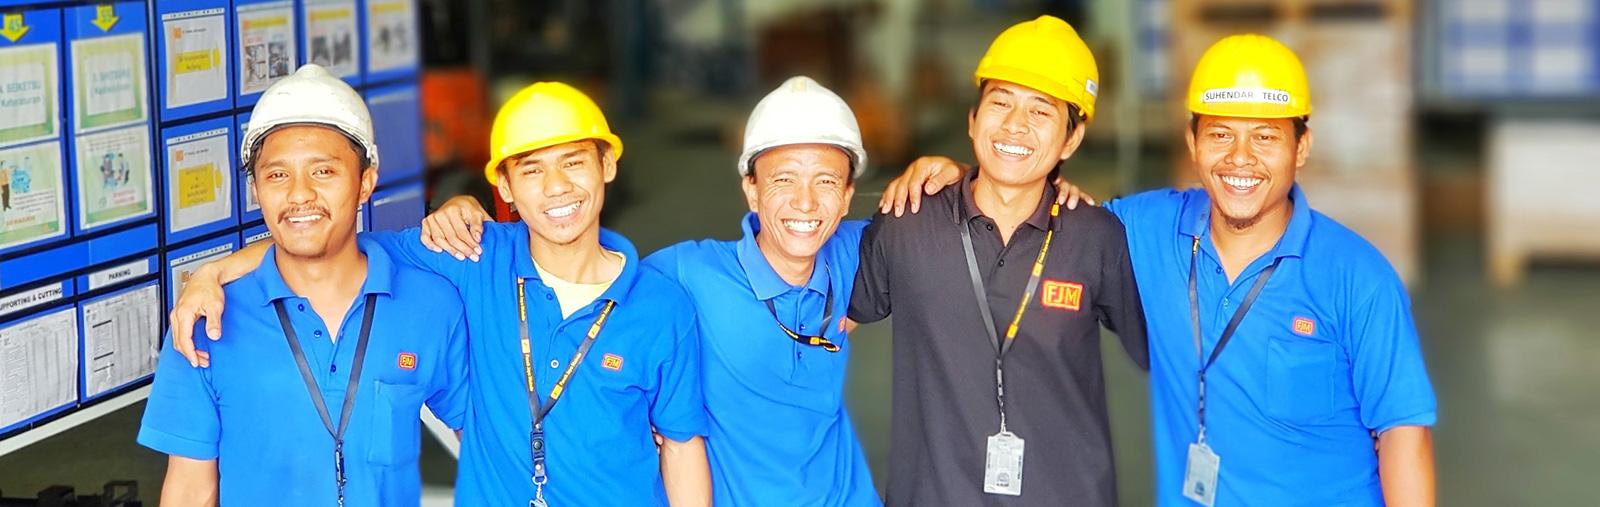 Kerjasama Team Adalah Kunci Kesuksesan Bagi Bisnis Kami